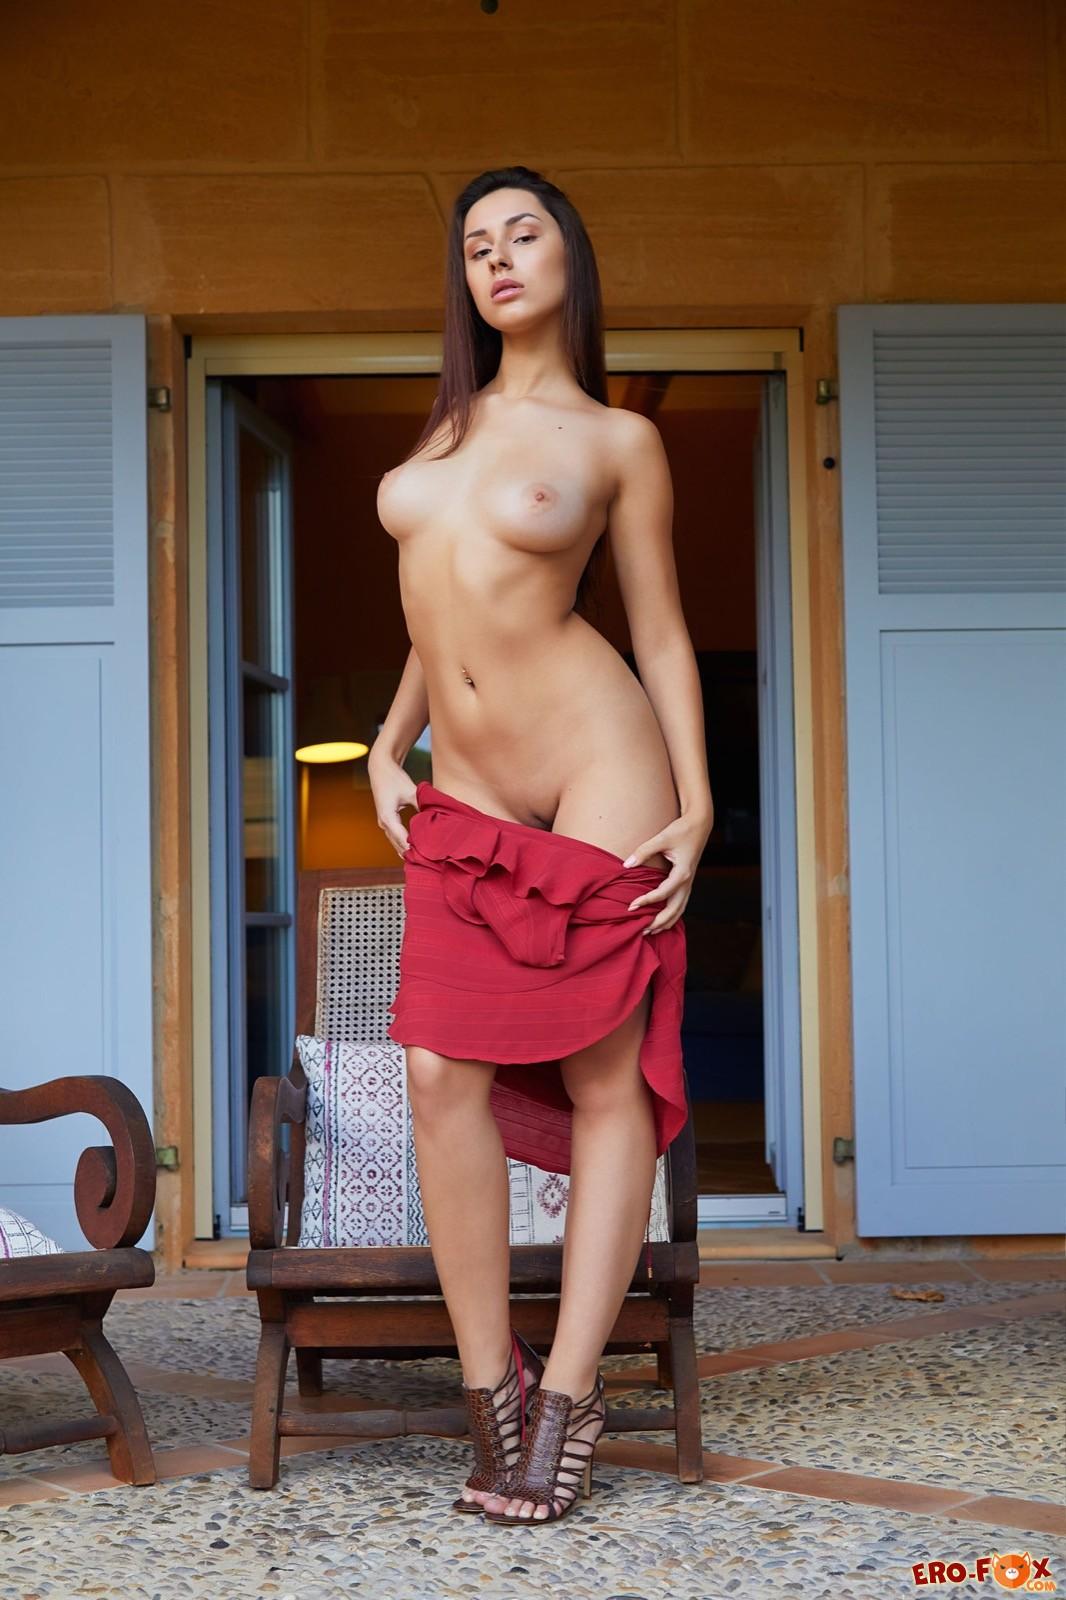 Девушка в платье с длинными ногами засветила попу - фото